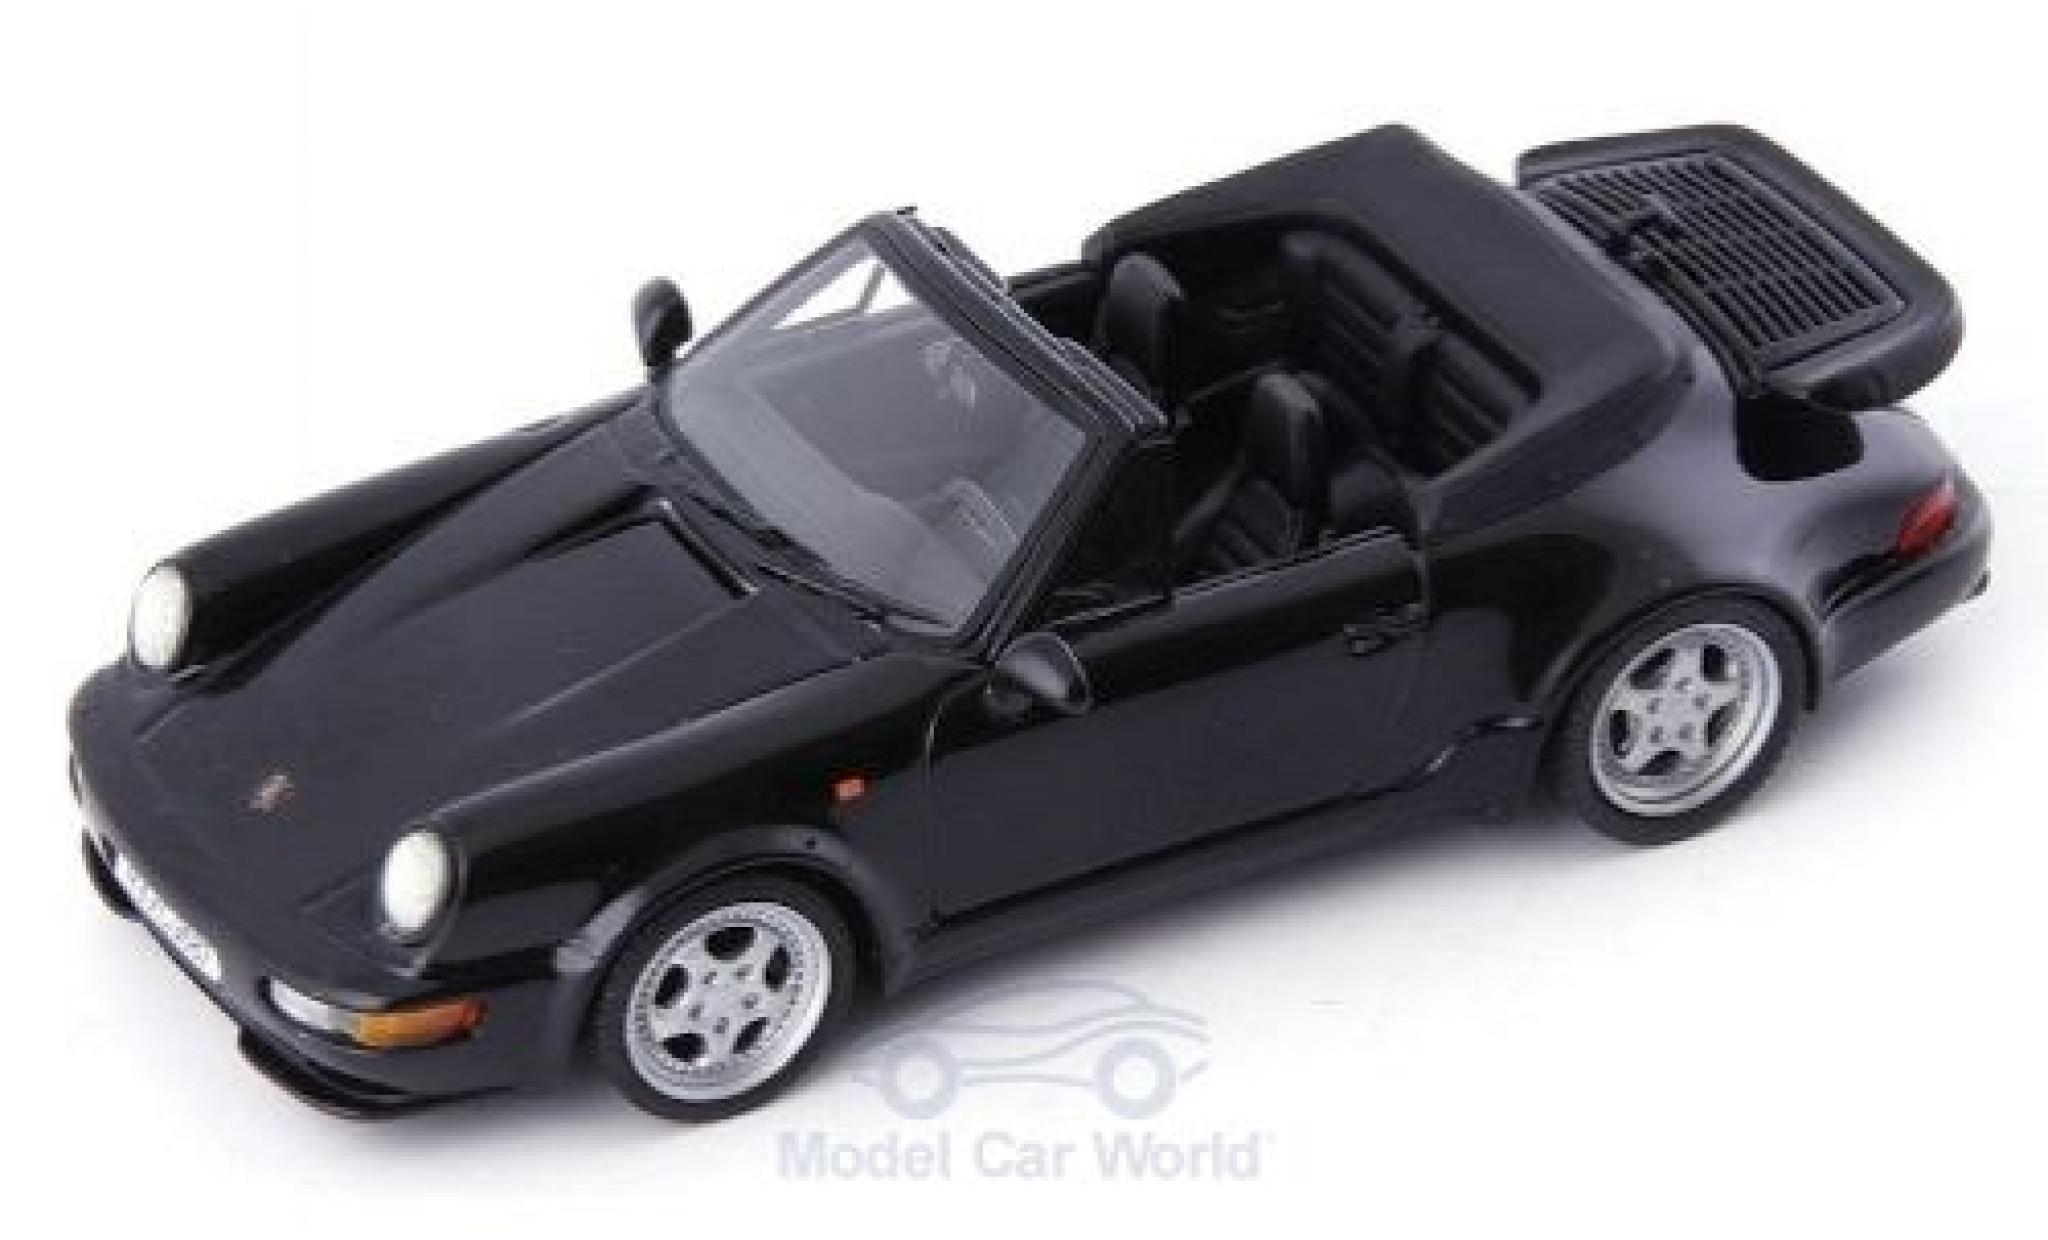 Porsche 911 1/43 Autocult/Avenue 43 (964) Turbo Cabriolet noire 1993